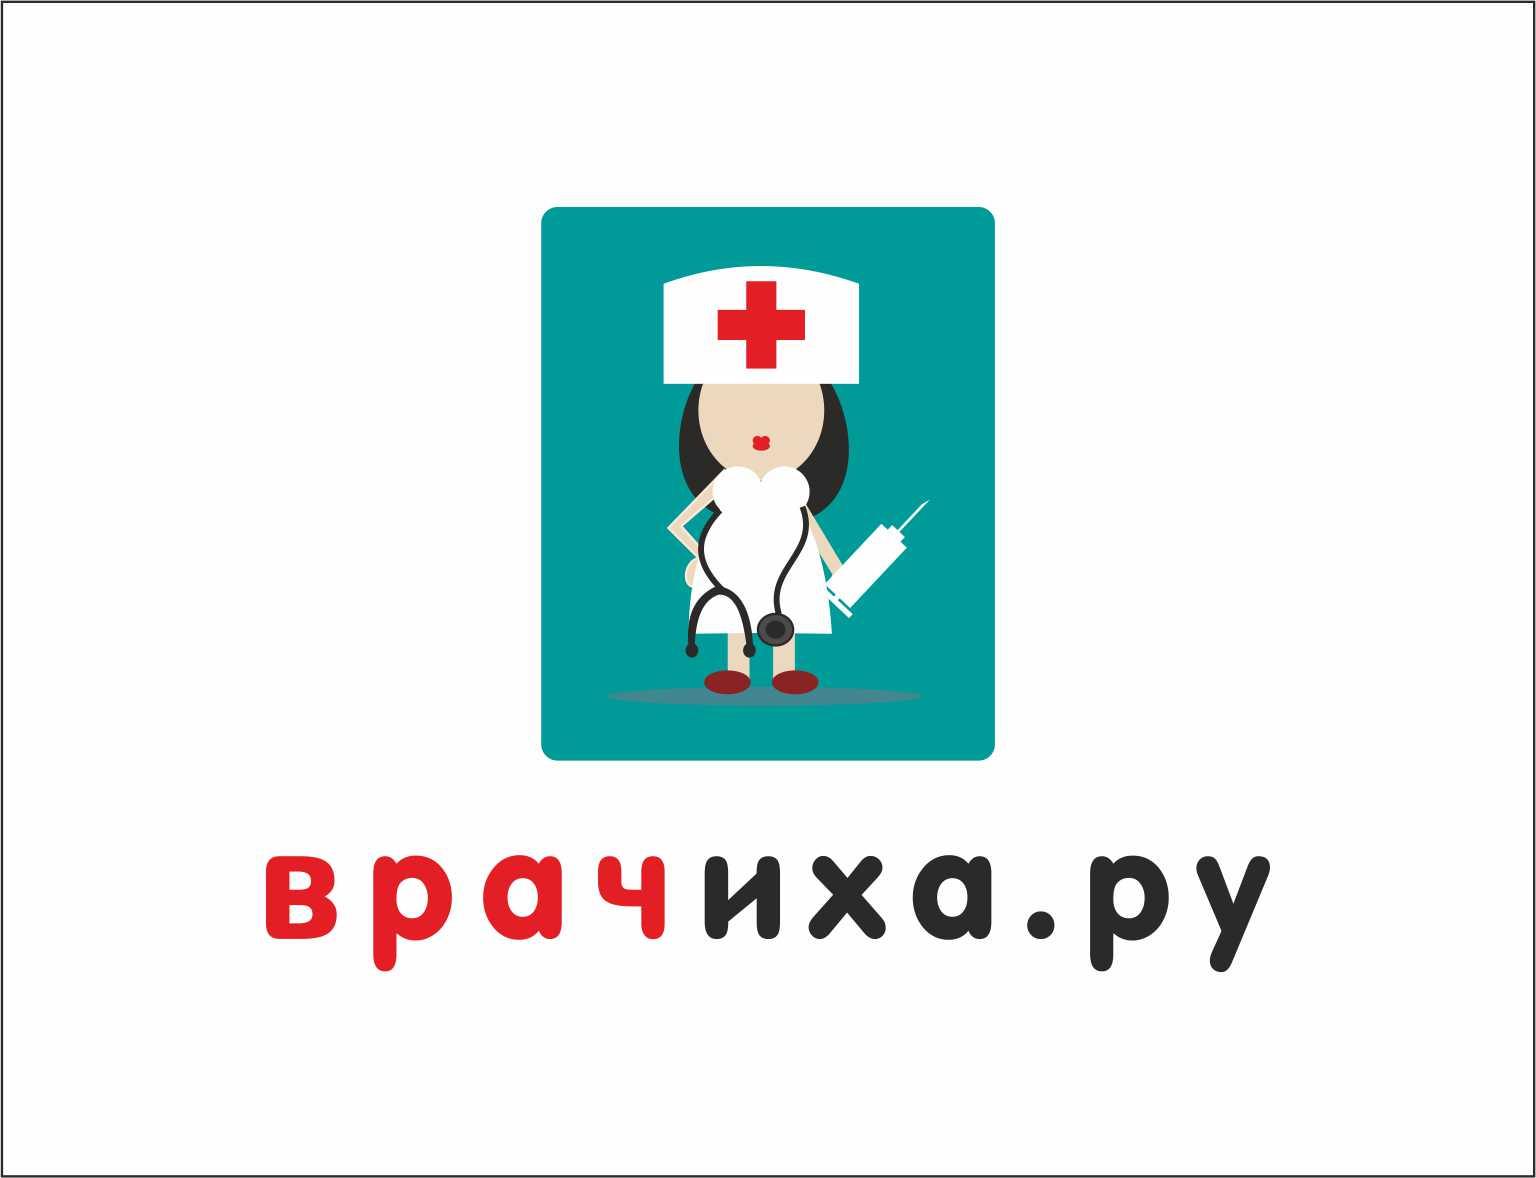 Необходимо разработать логотип для медицинского портала фото f_1555bfe57df9300f.jpg